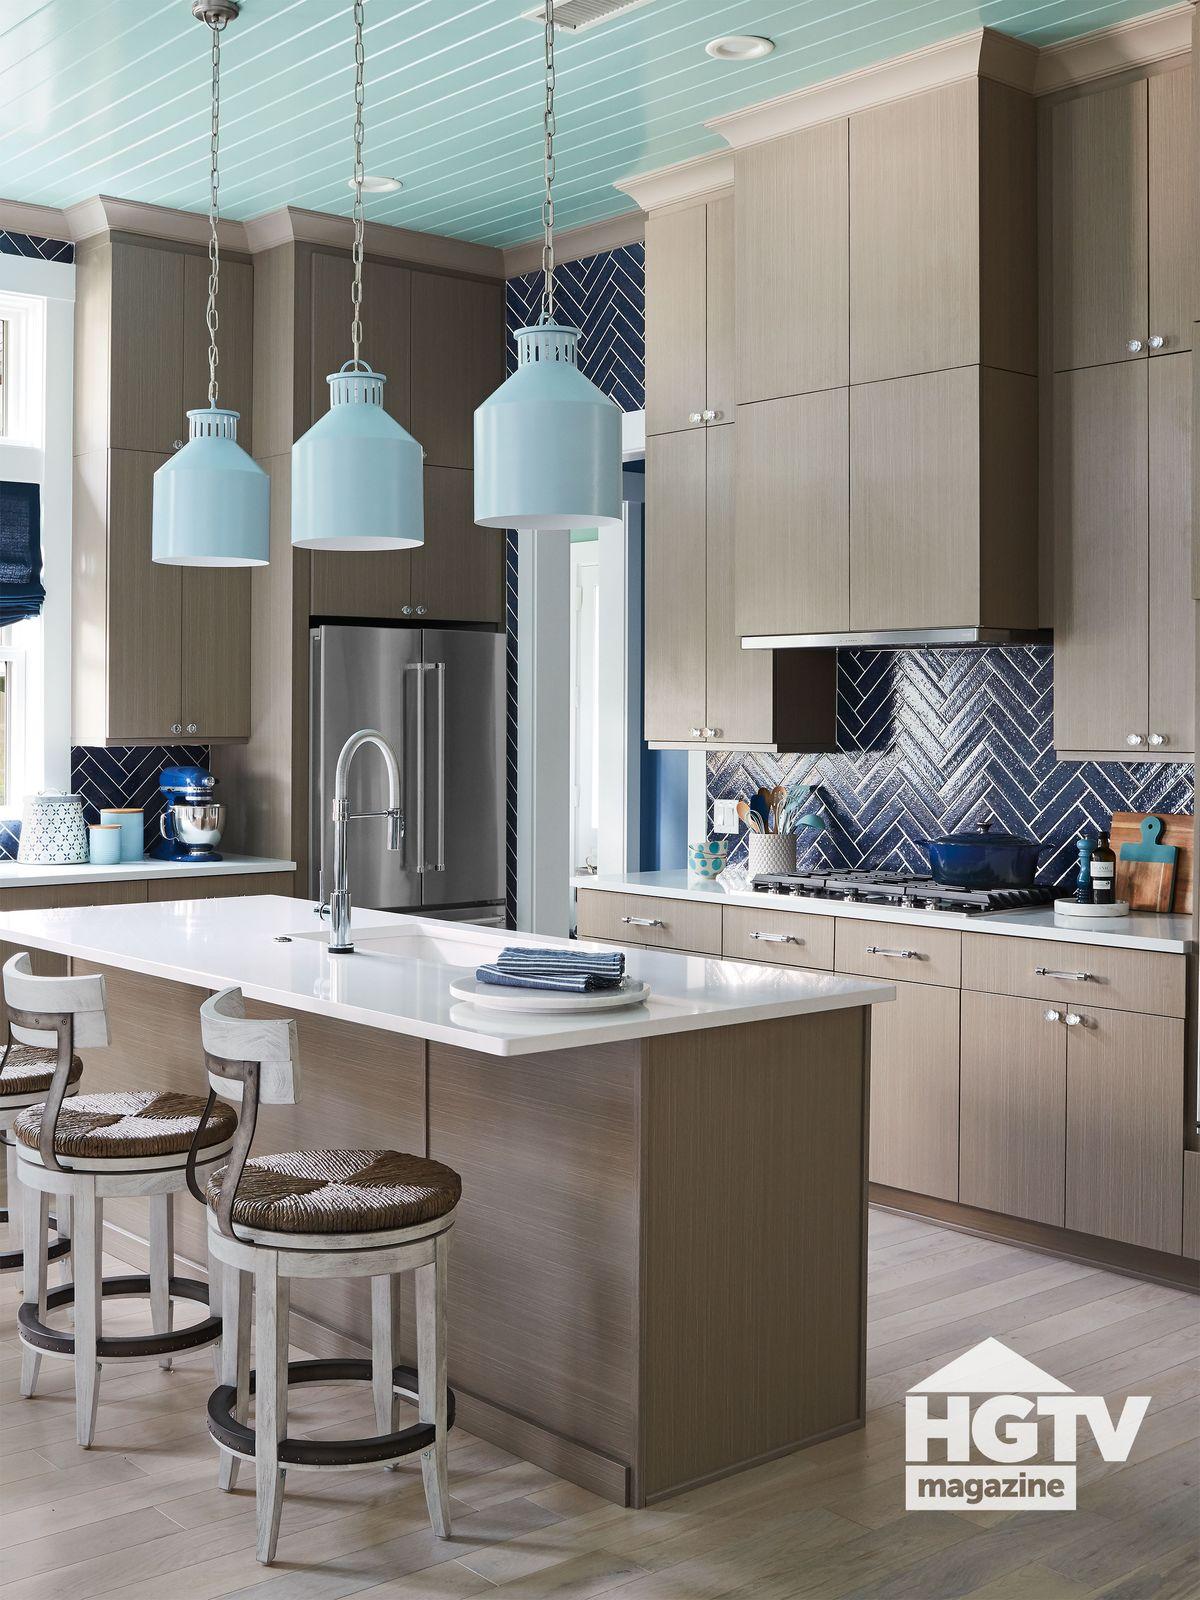 HGTV Dream Home 2020 kitchen featured in HGTV Magazine